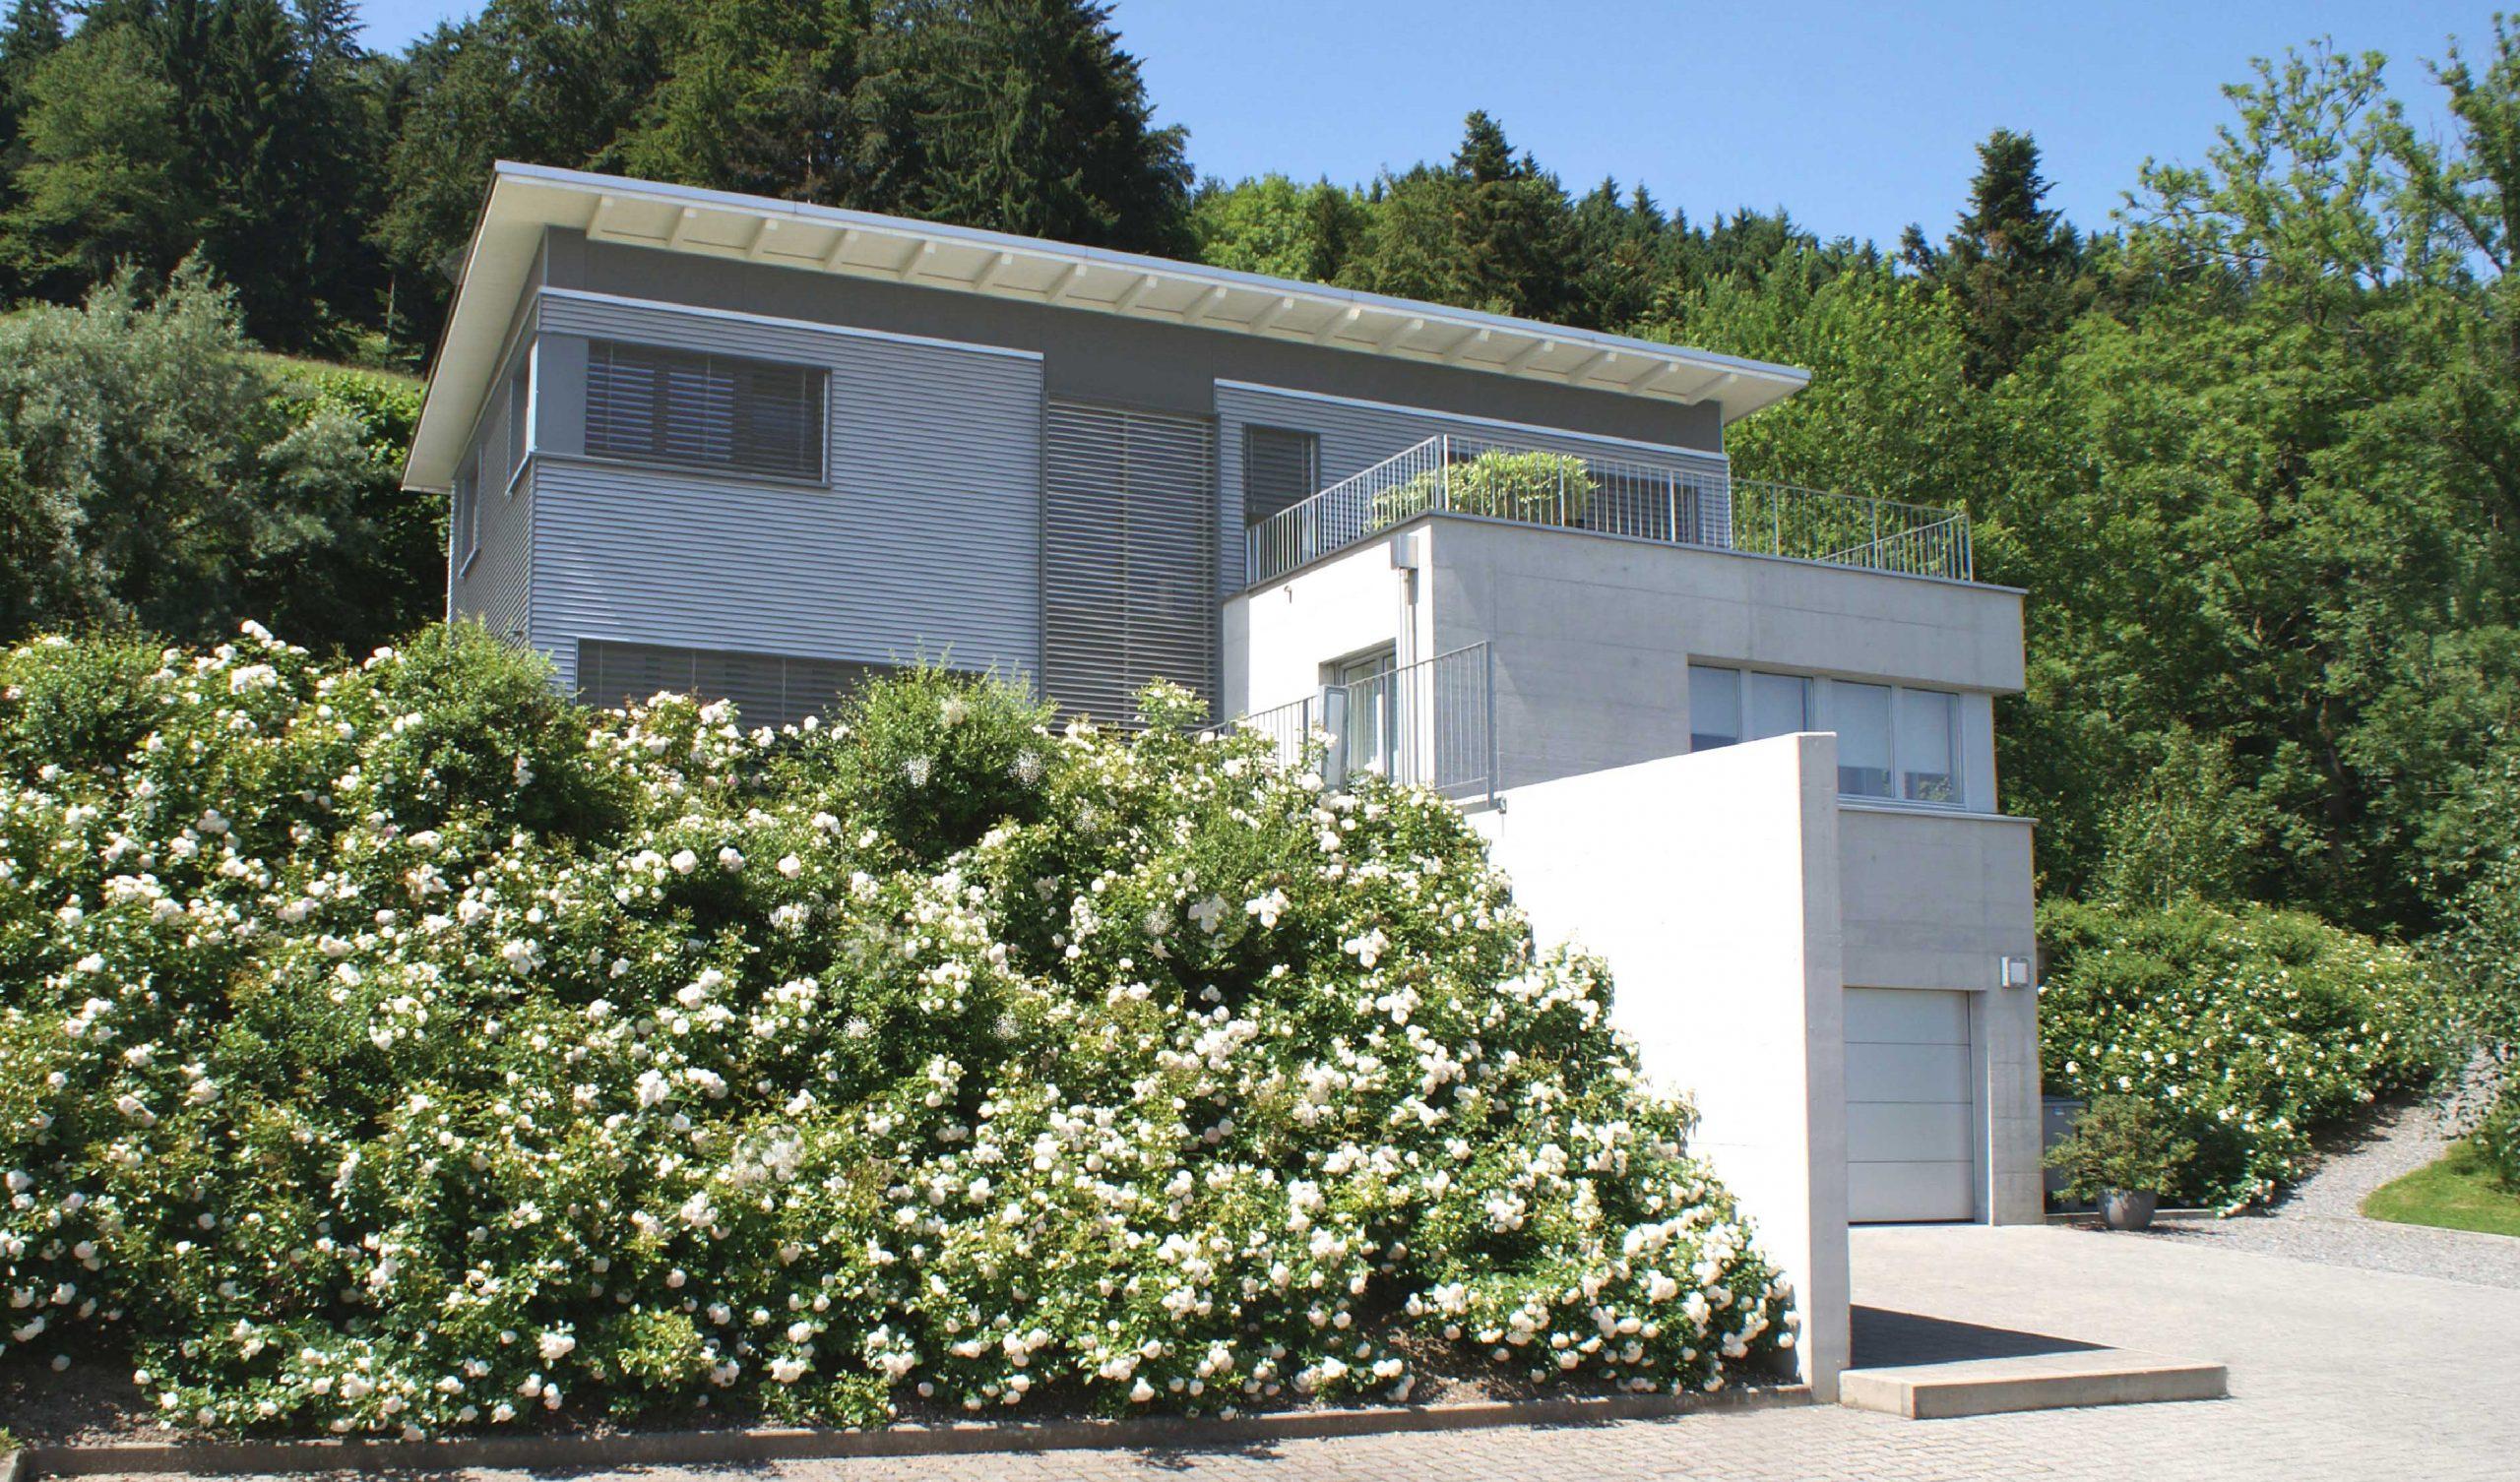 7 Zimmer Einfamilienhaus mit grossem Garten